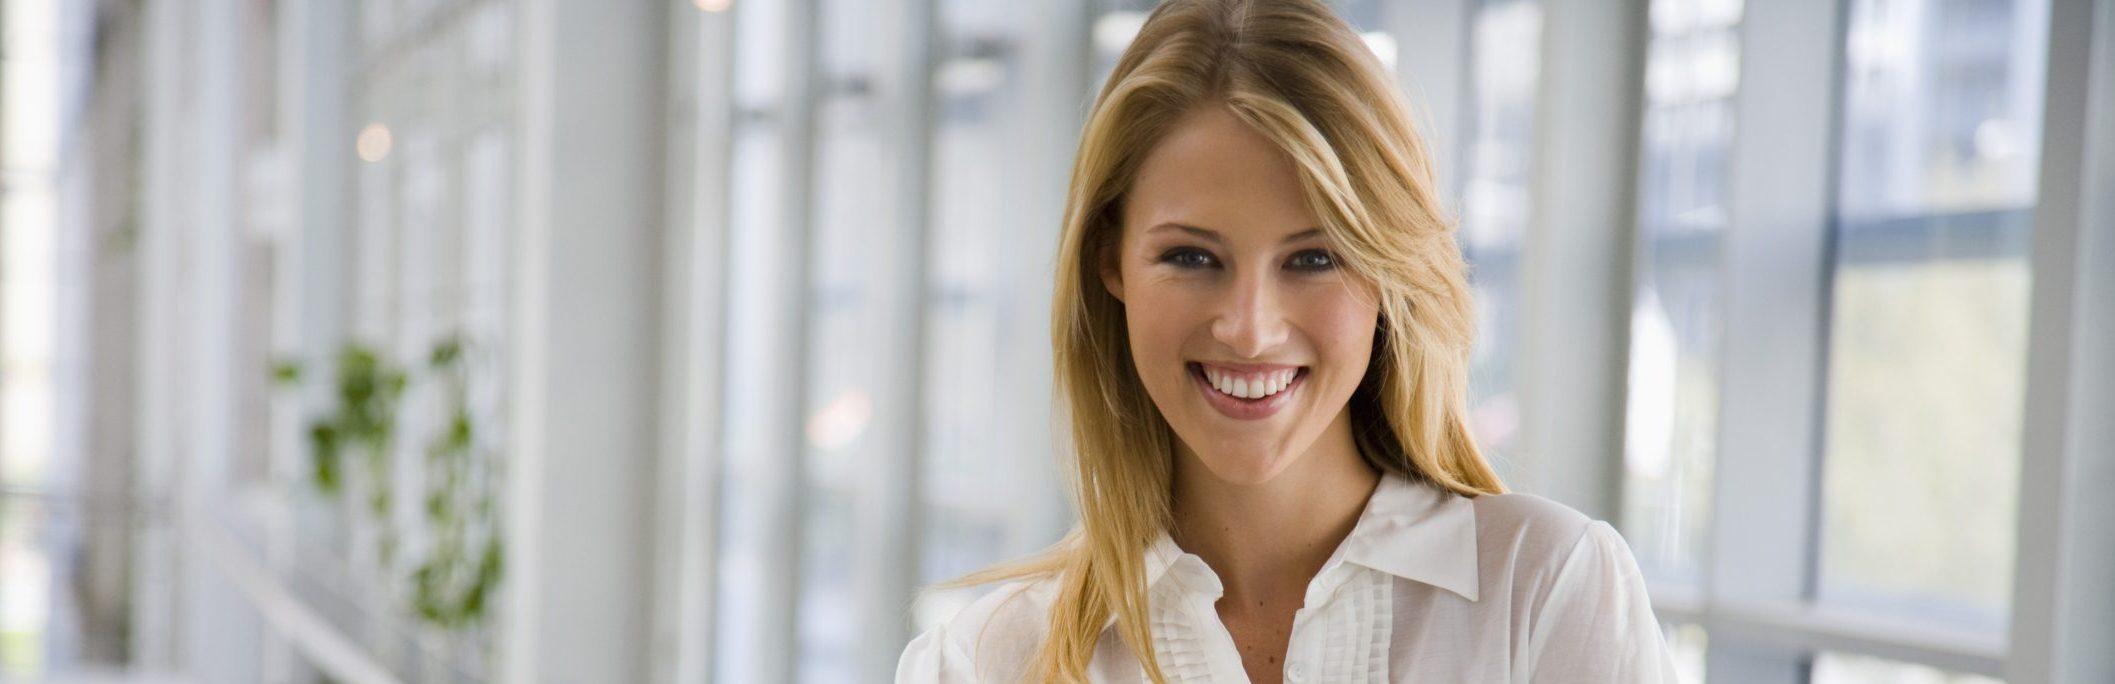 dating een Beauty therapeut gratis Russische dating ru